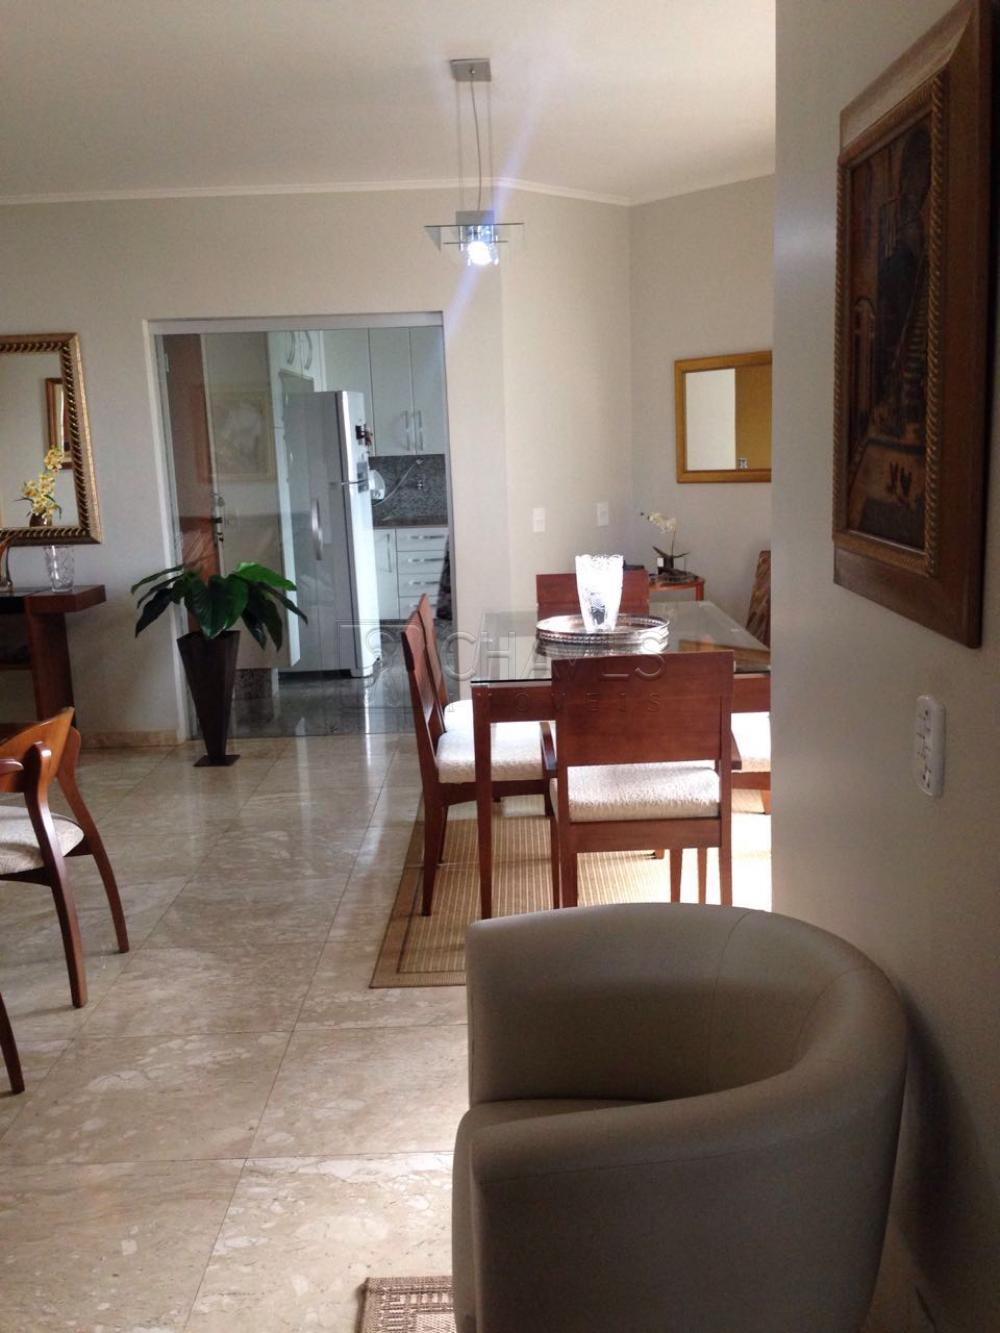 Comprar Apartamento / Padrão em Ribeirão Preto apenas R$ 415.000,00 - Foto 7